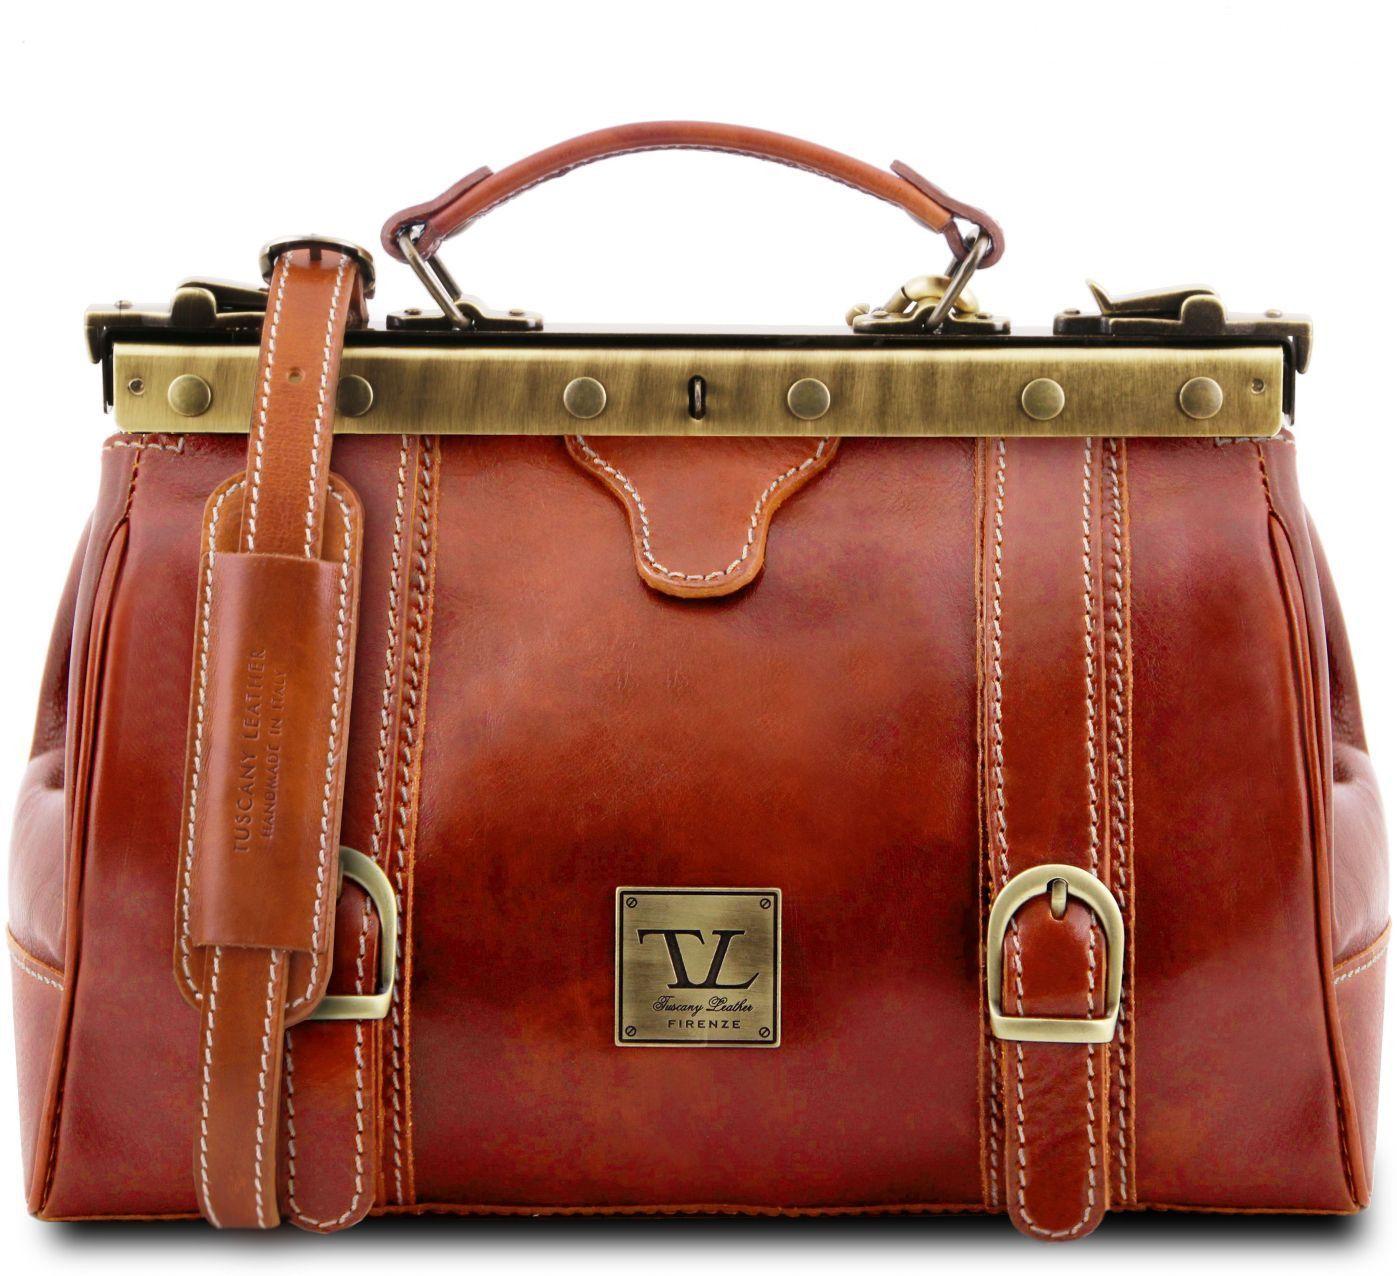 Ιατρική Τσάντα Δερμάτινη Mona Lisa Μελί Tuscany Leather